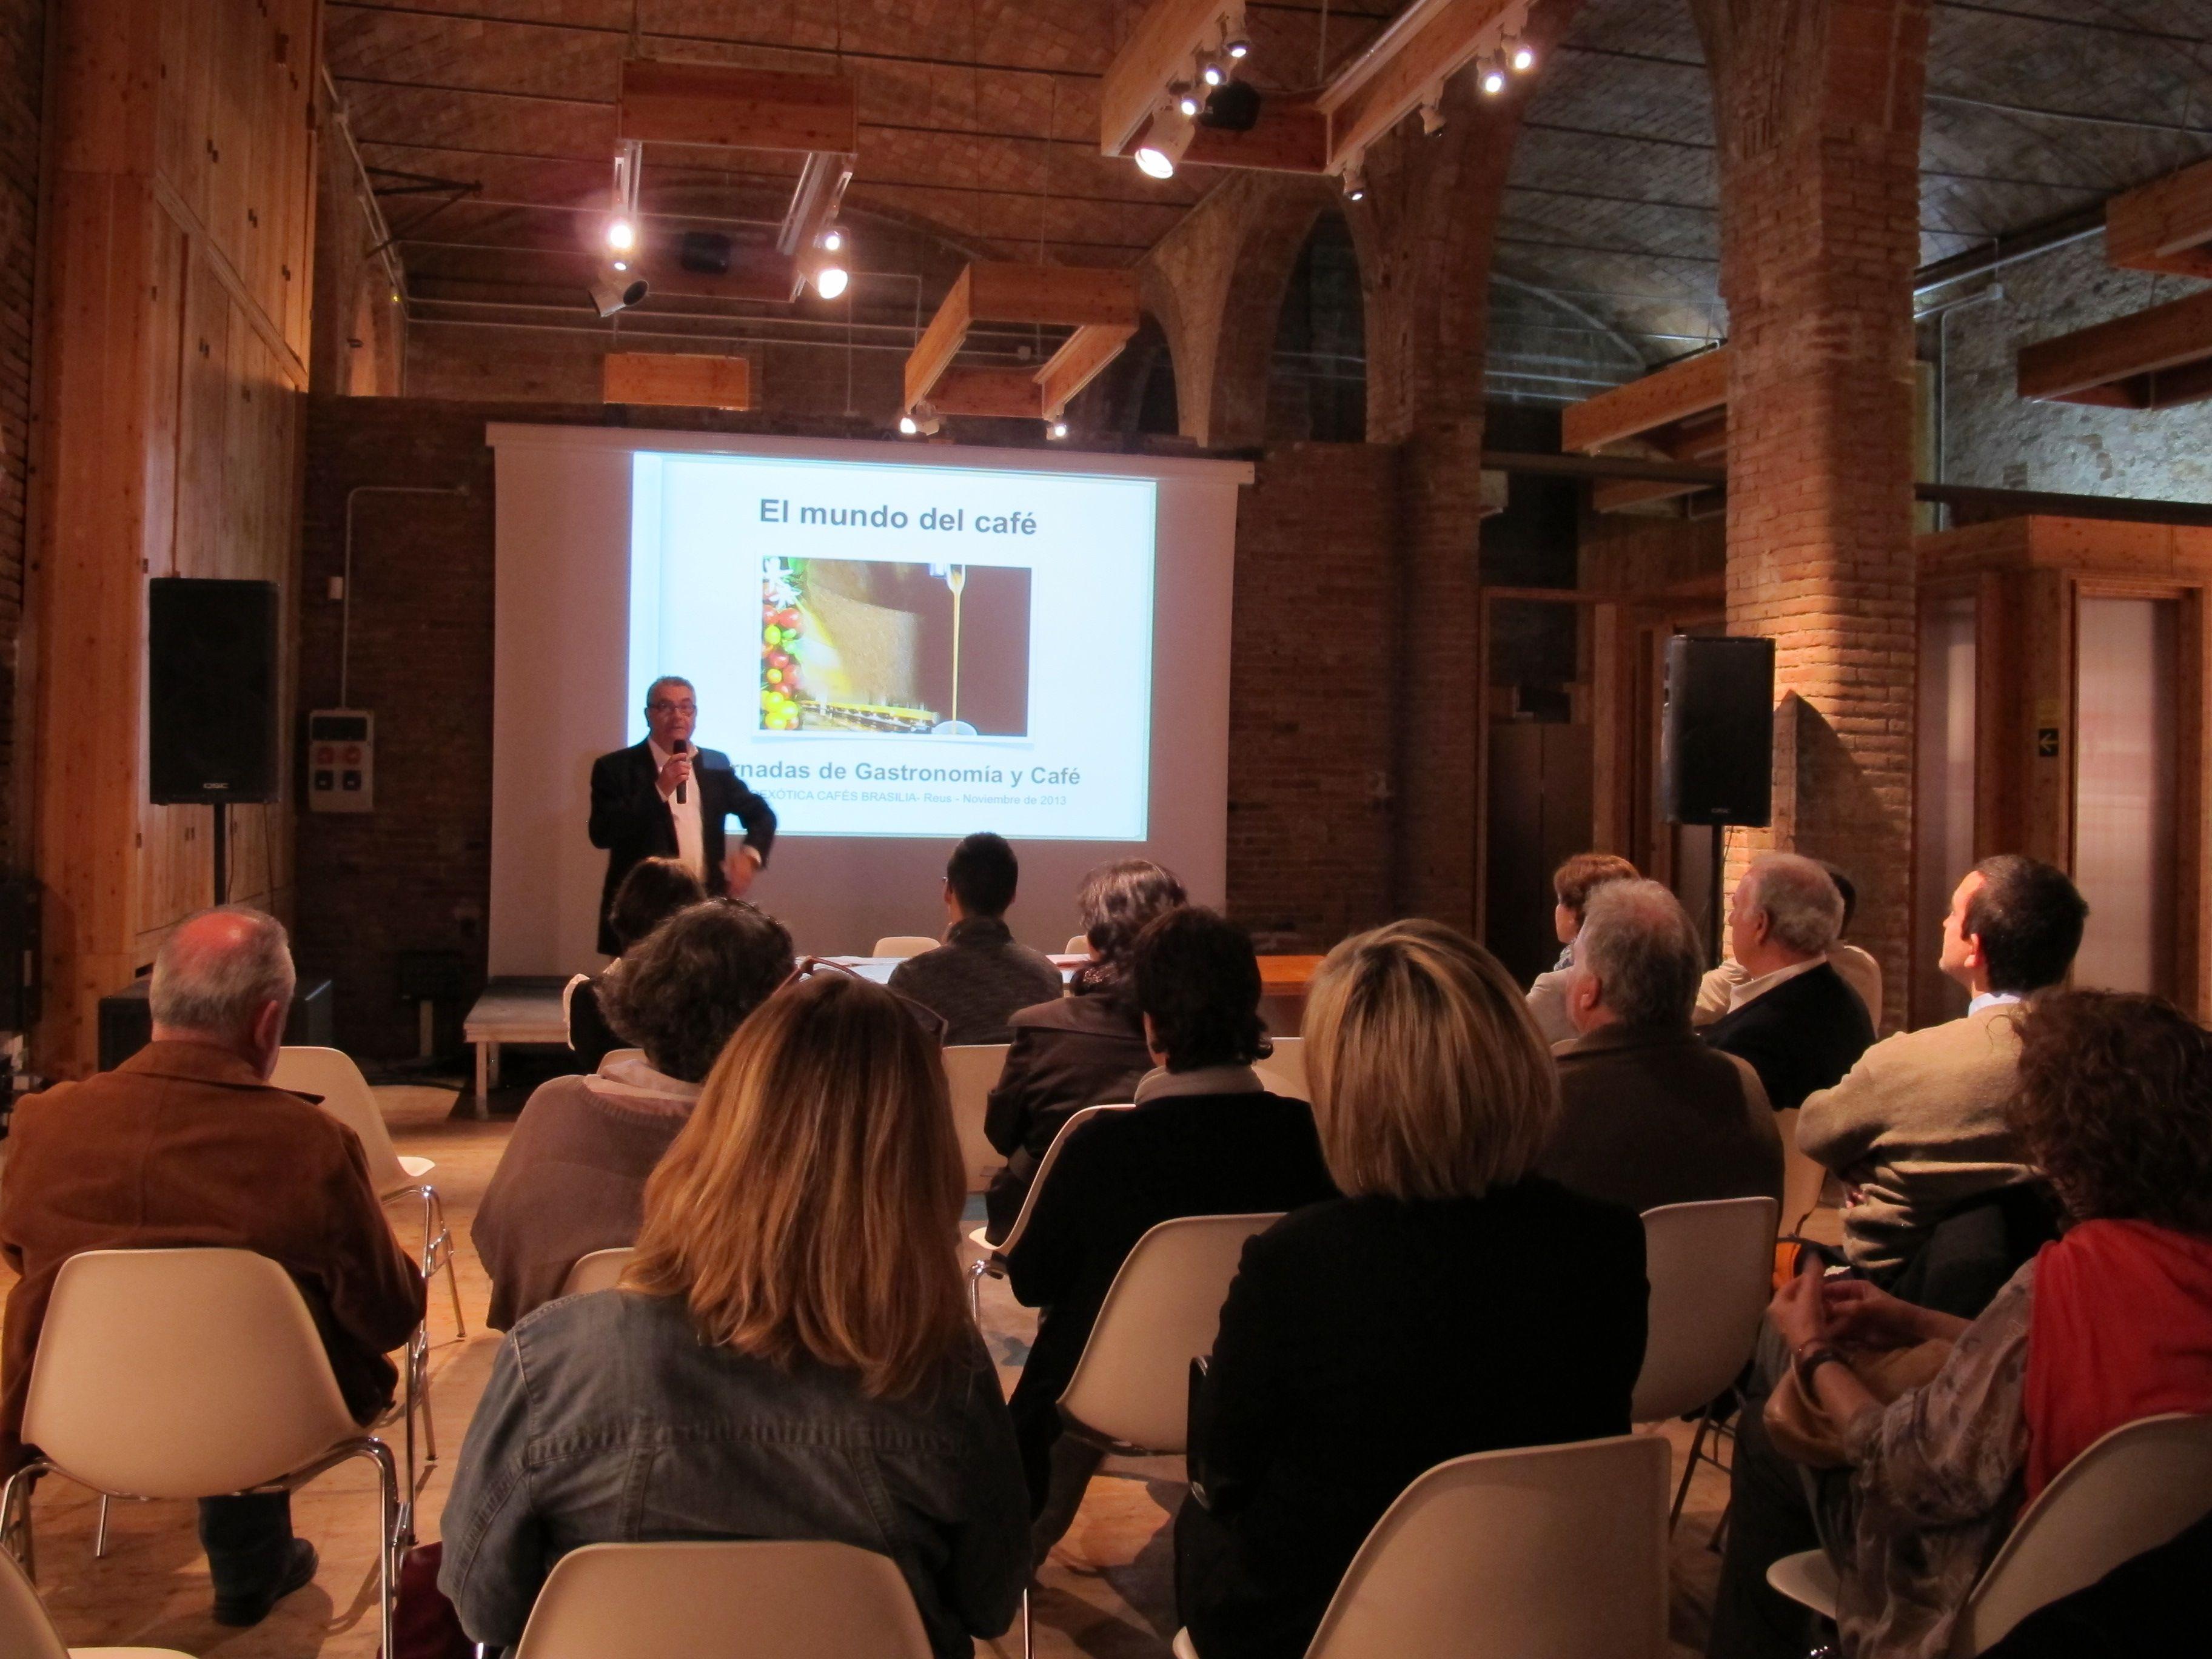 PHOTOEXÒTICA 2013 de Cafès BRASILIA: conferencia El Mundo del Café a cargo del Sr. Raúl Peña (8-11-2013)